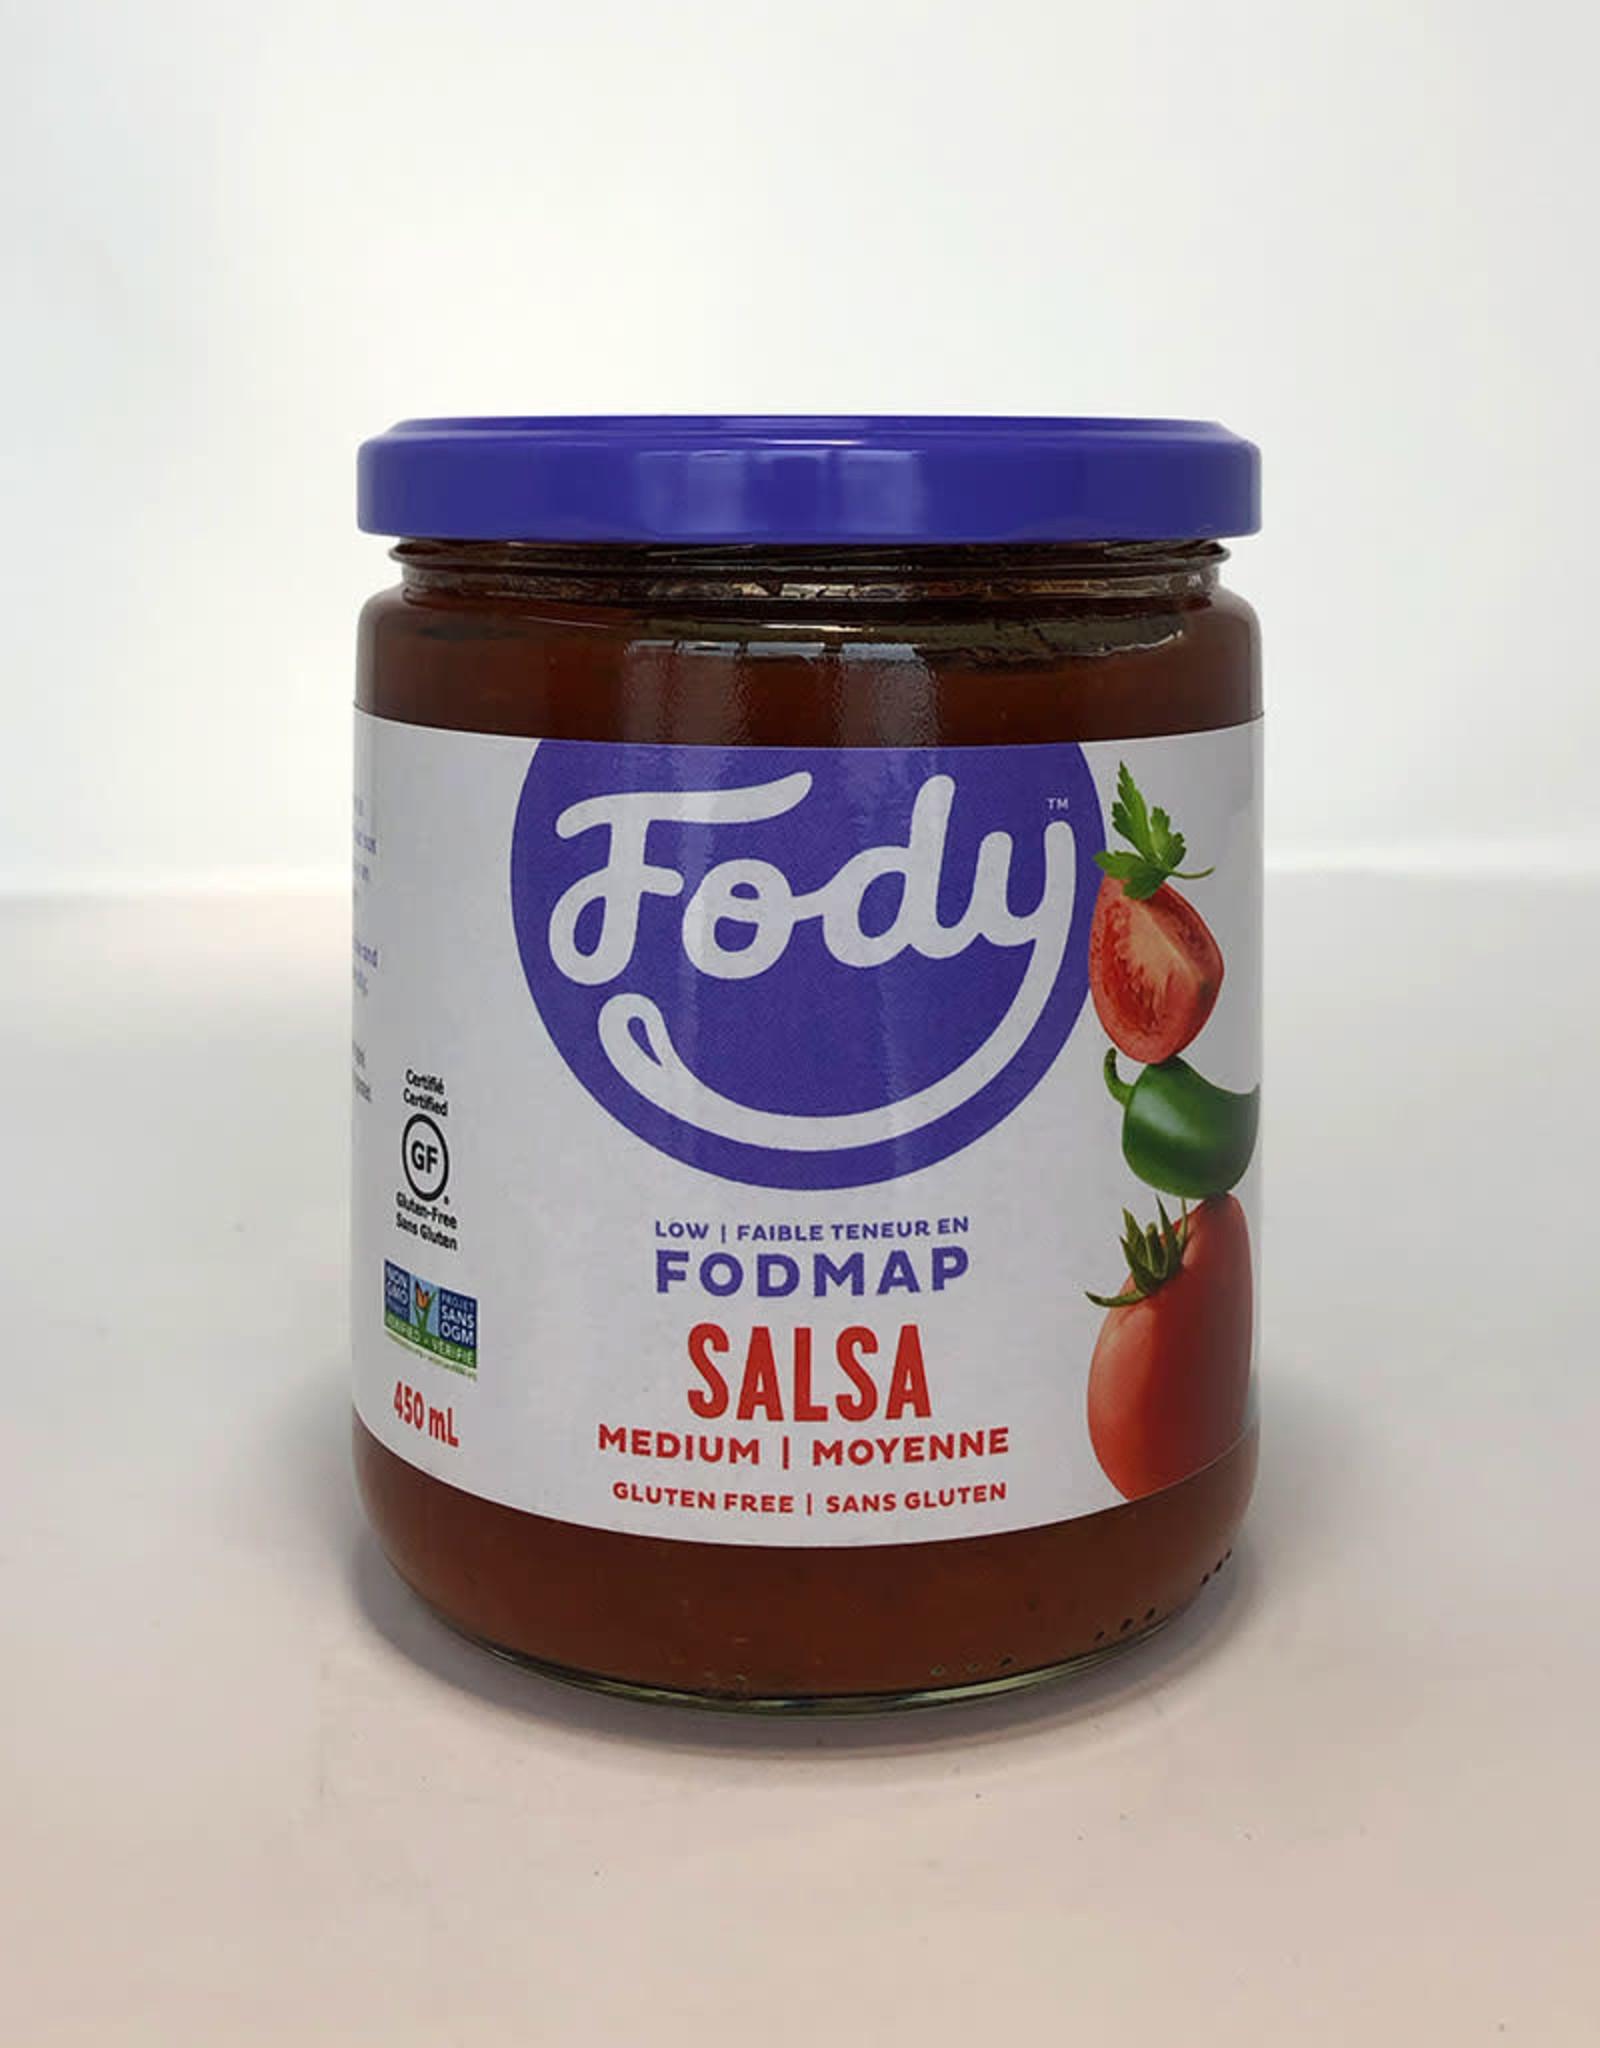 Fody Food Co. Fody - Salsa, Medium